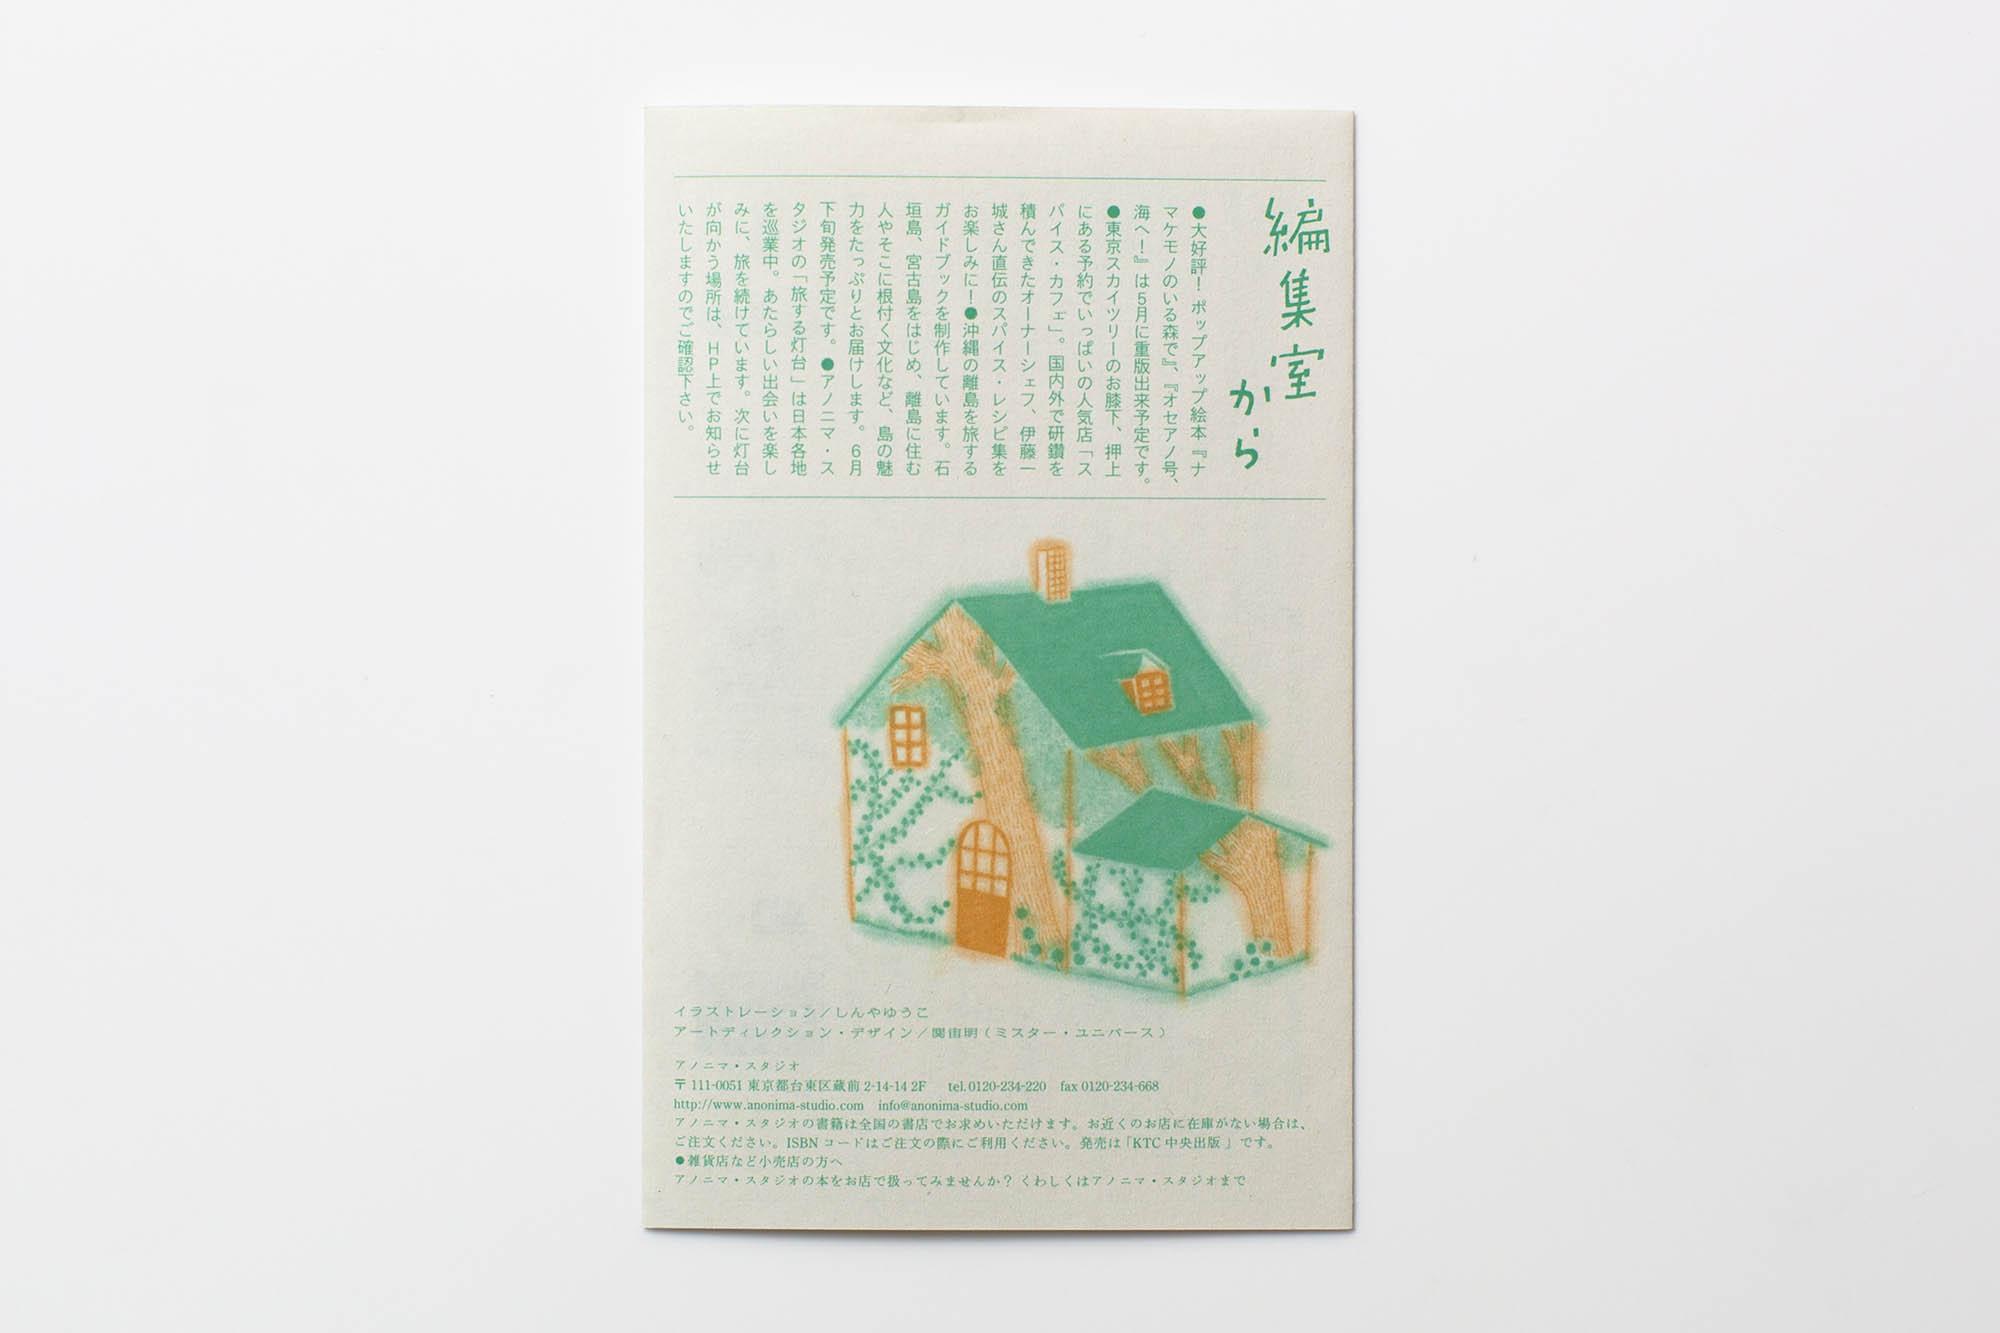 leaflet_DM_171